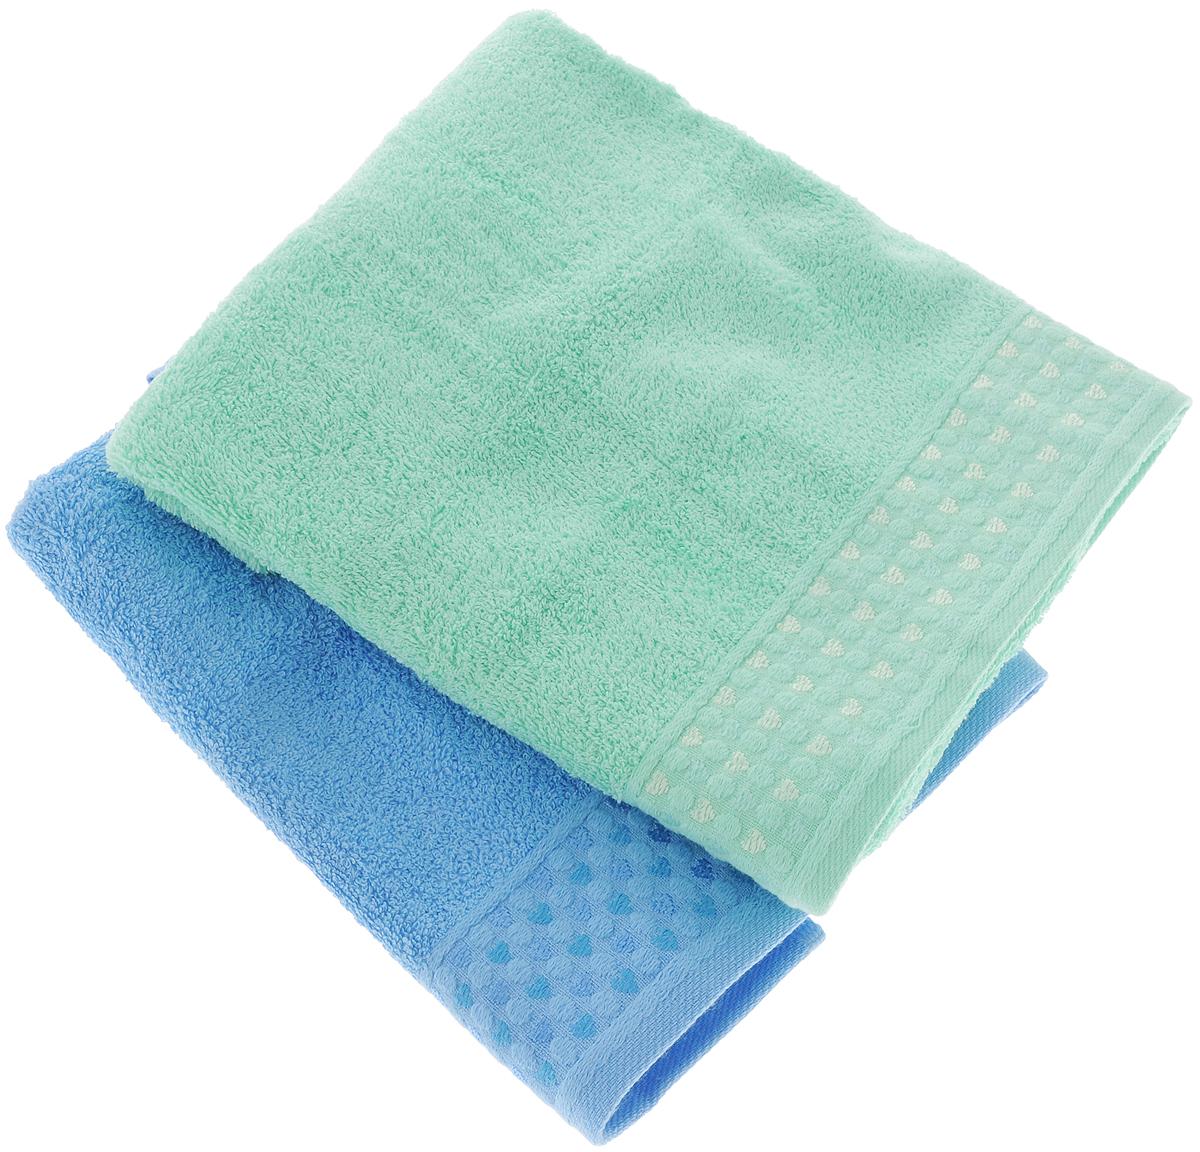 Набор полотенец Tete-a-Tete Сердечки, цвет: голубой, бирюзовый, 50 х 90 см, 2 шт набор полотенец tete a tete сердечки цвет желтый бирюза 50 х 90 см 2 шт